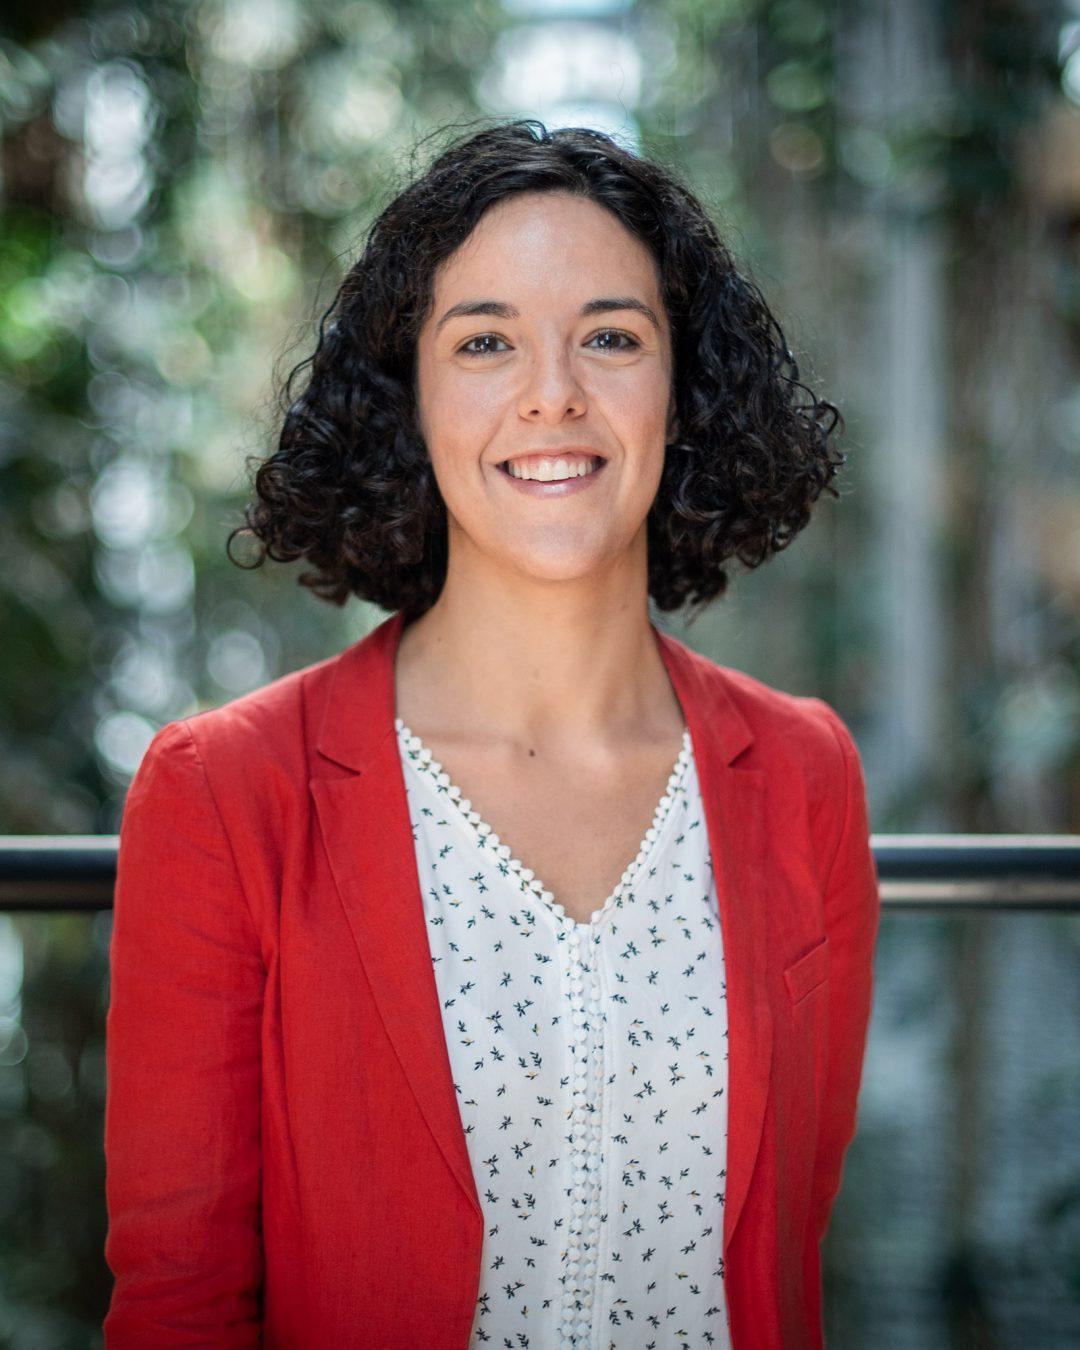 Manon AUBRY deputee europeenne.